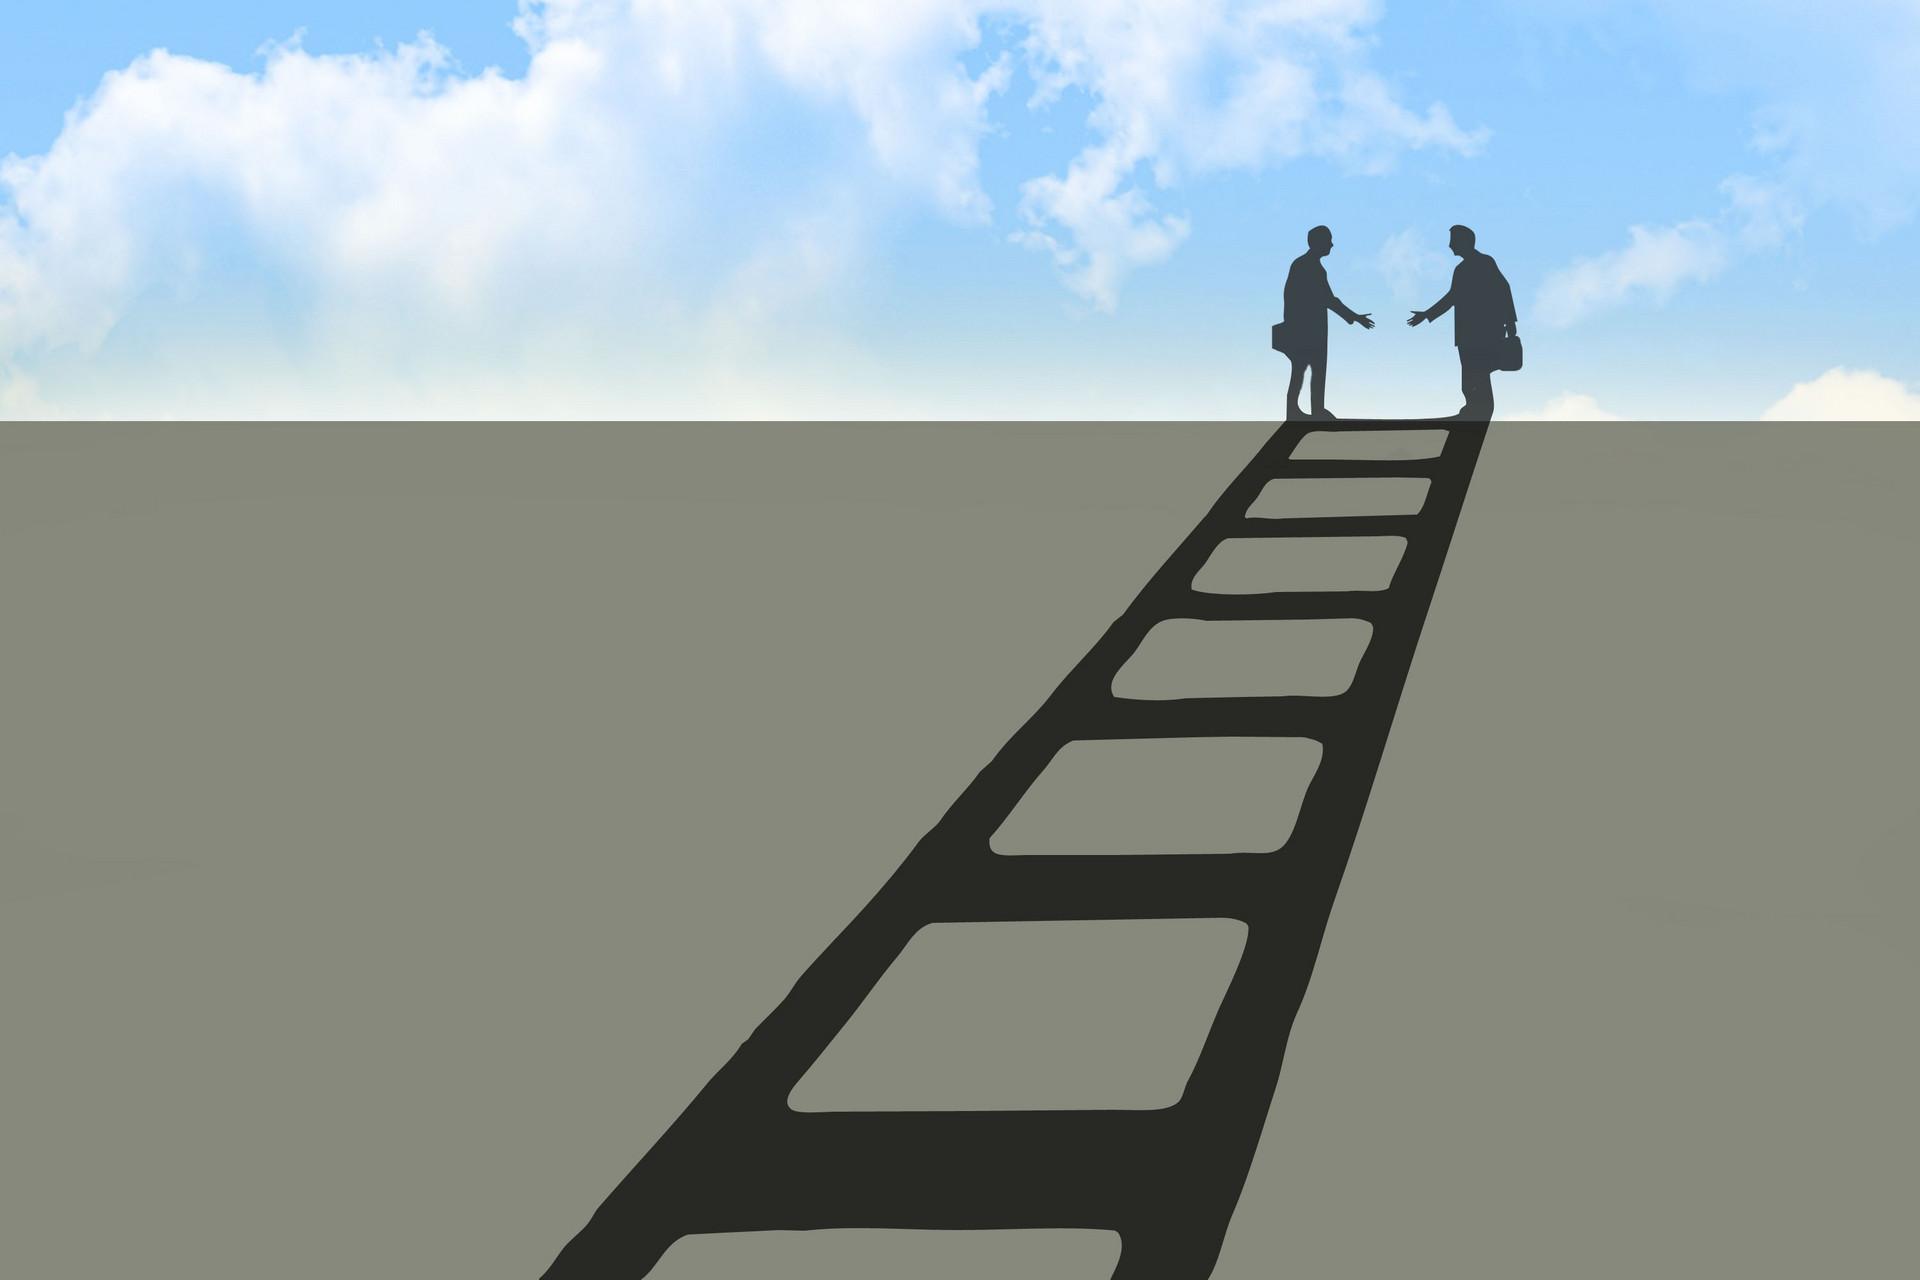 直销新人必学,听话照做没有不成功的!